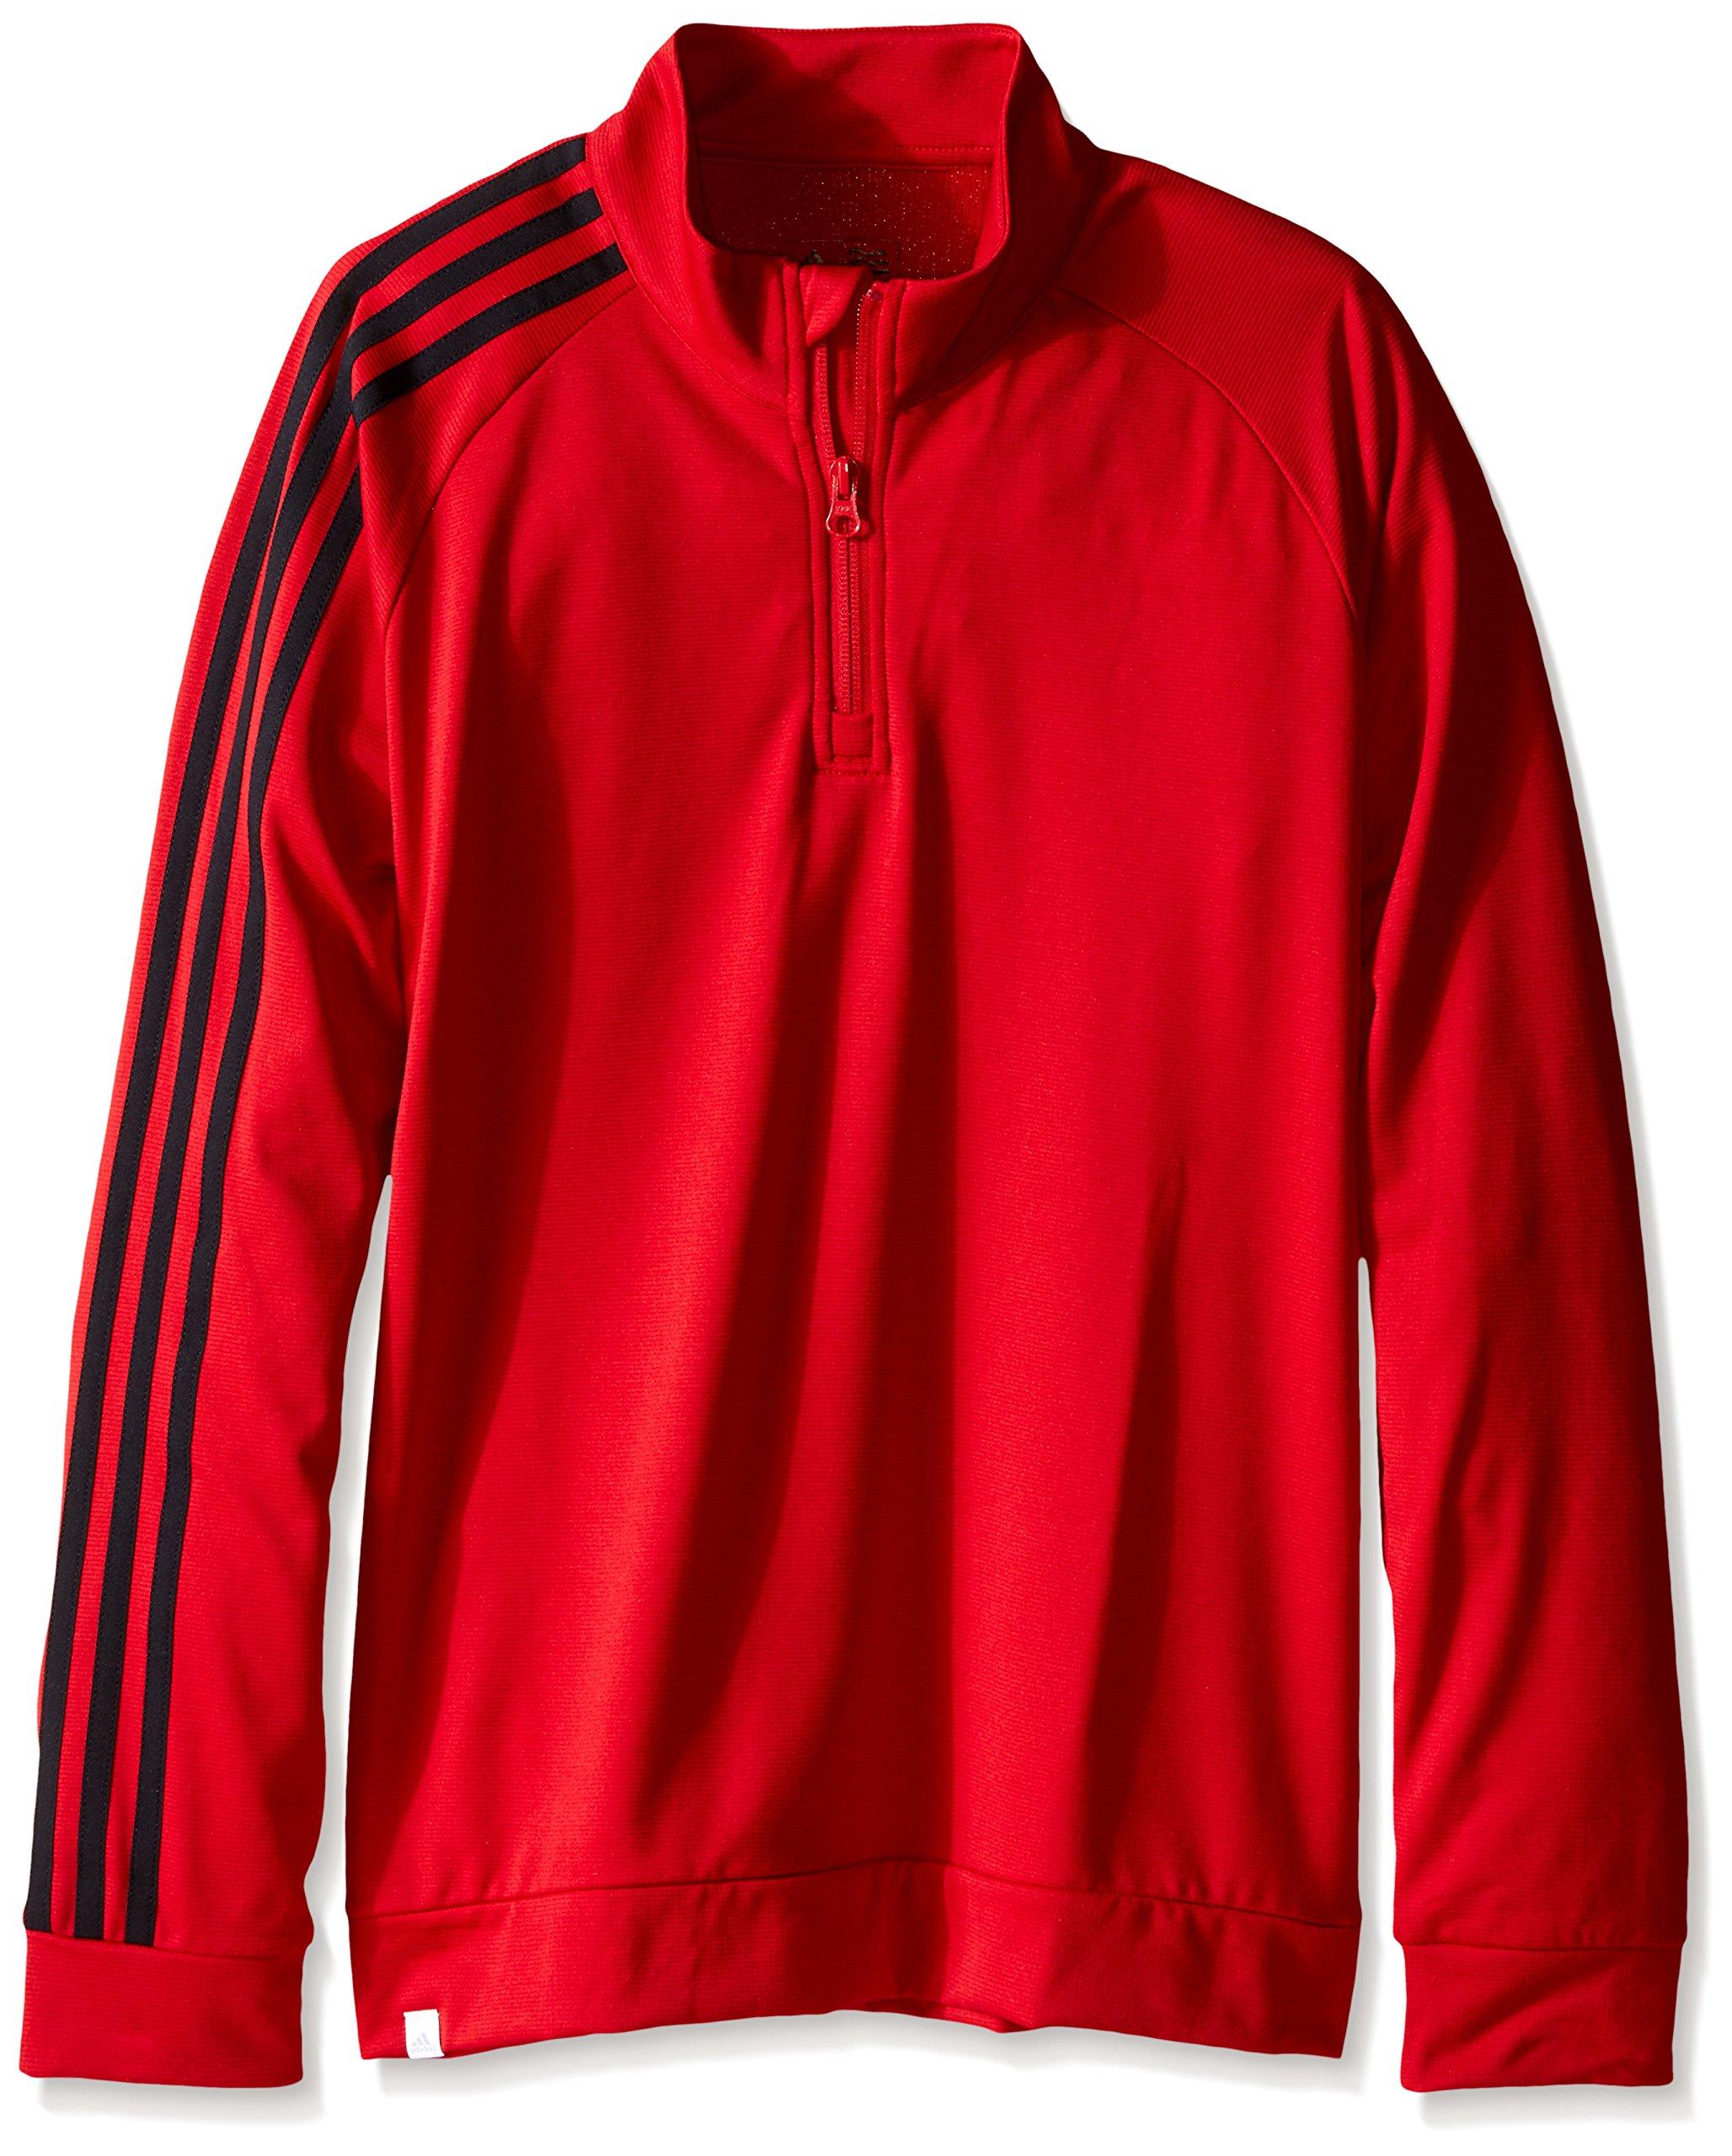 adidas Golf Boys B 3-Stripes Jacket, Power RED, X-Large by adidas